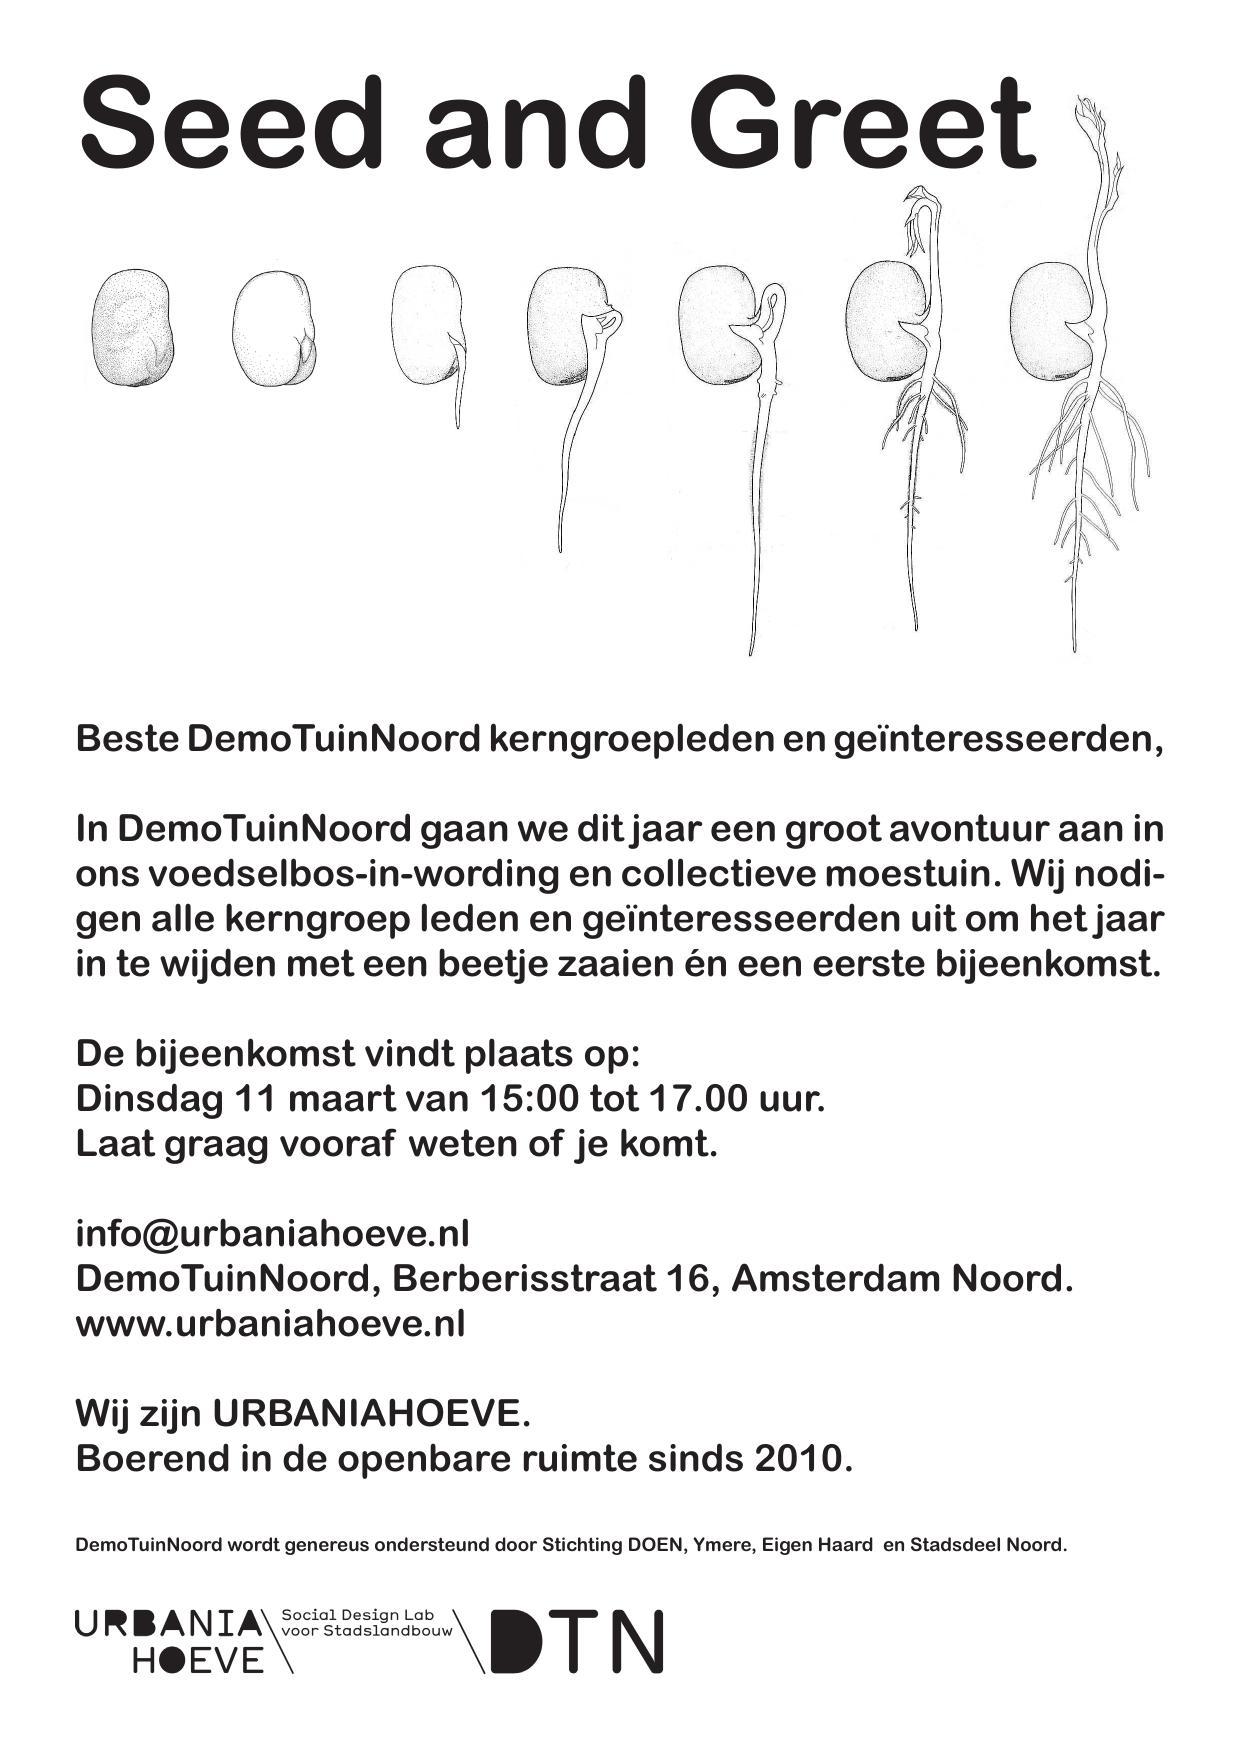 Seed & Greet  / DemoTuinNoord